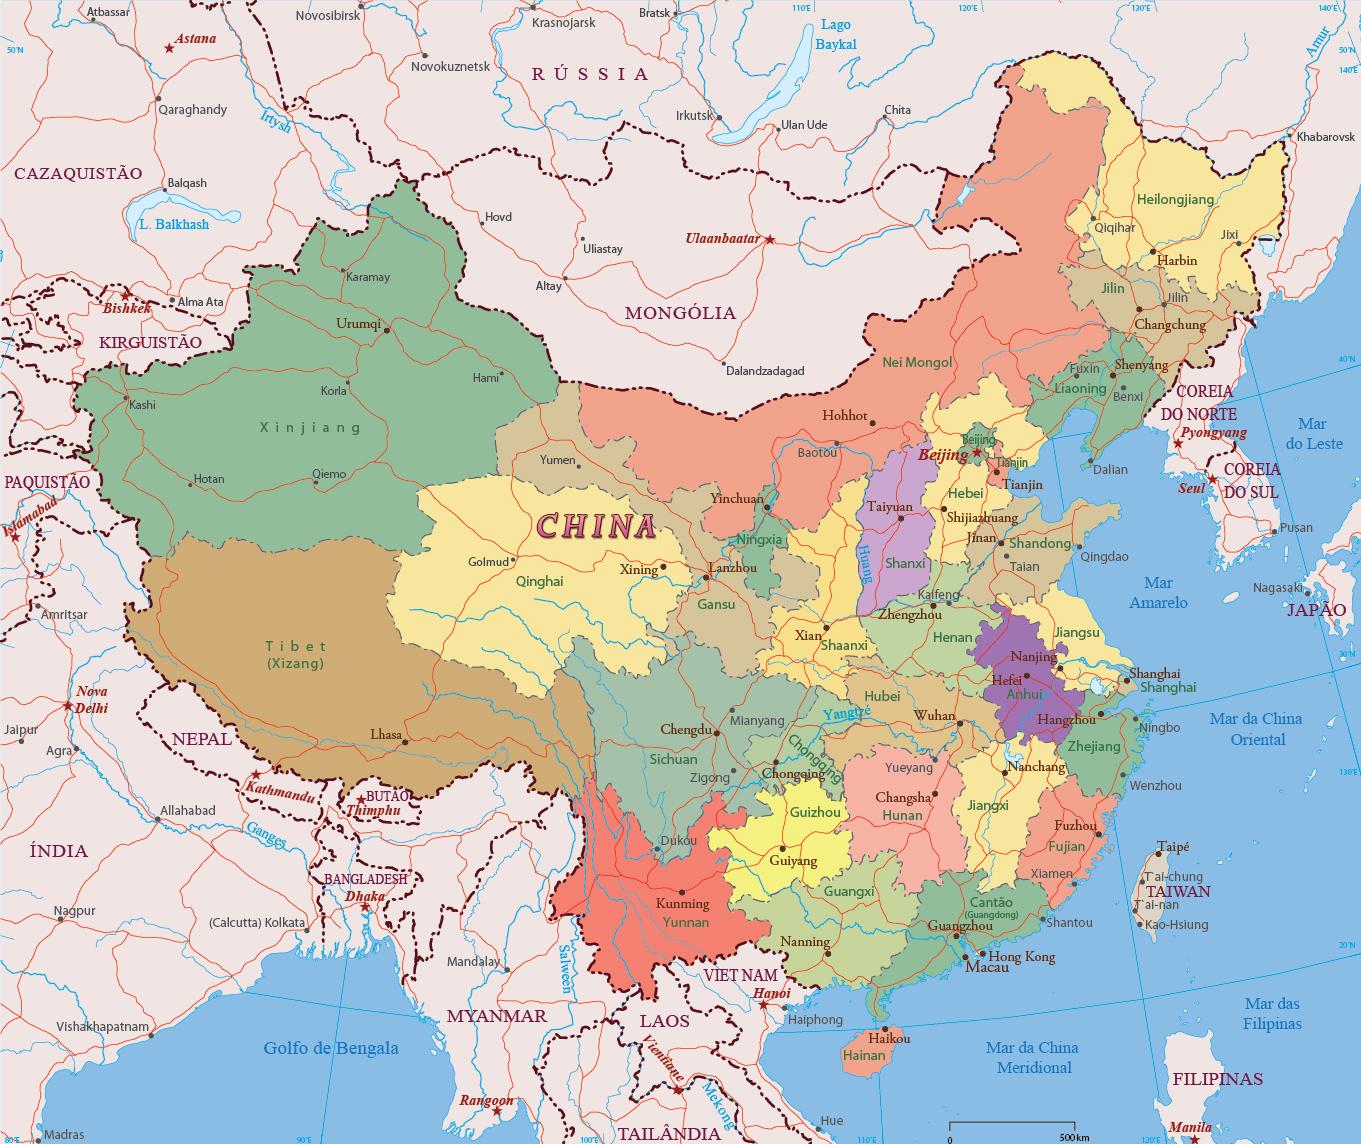 Mapa Da China Divisoes Politicas